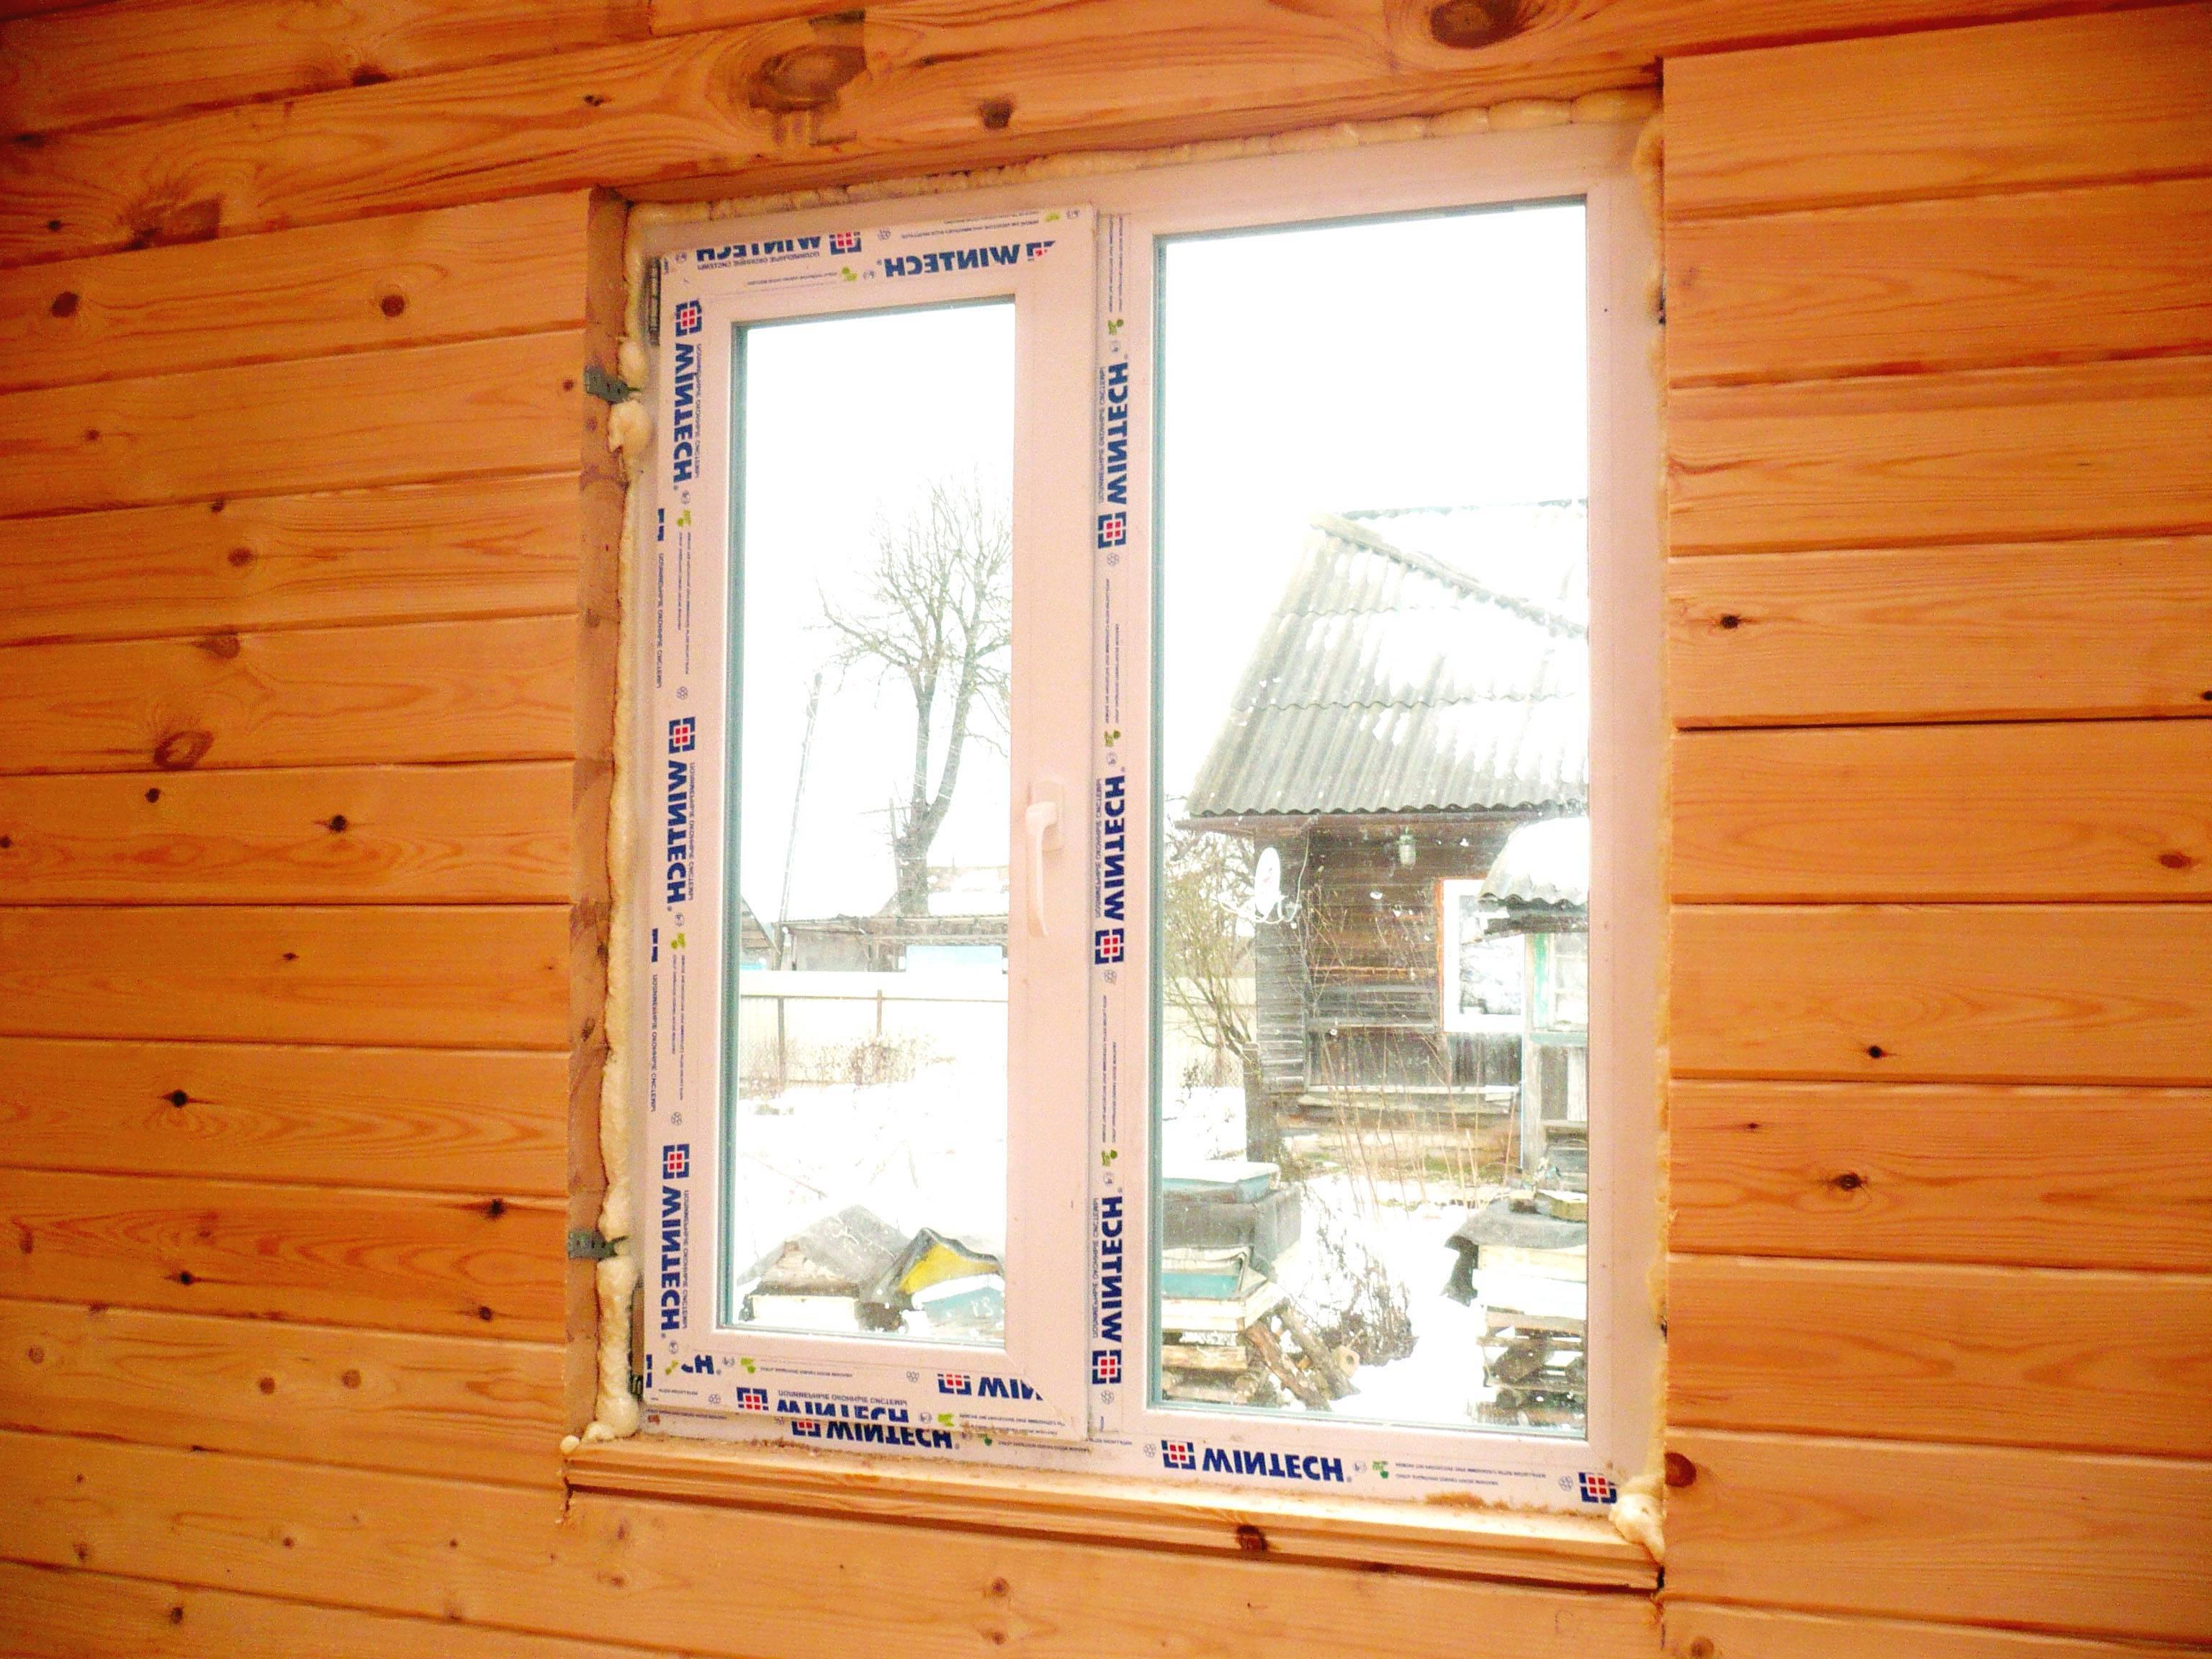 Как сделать пристройку к деревянному дому своими руками: пошагово, фото, видео